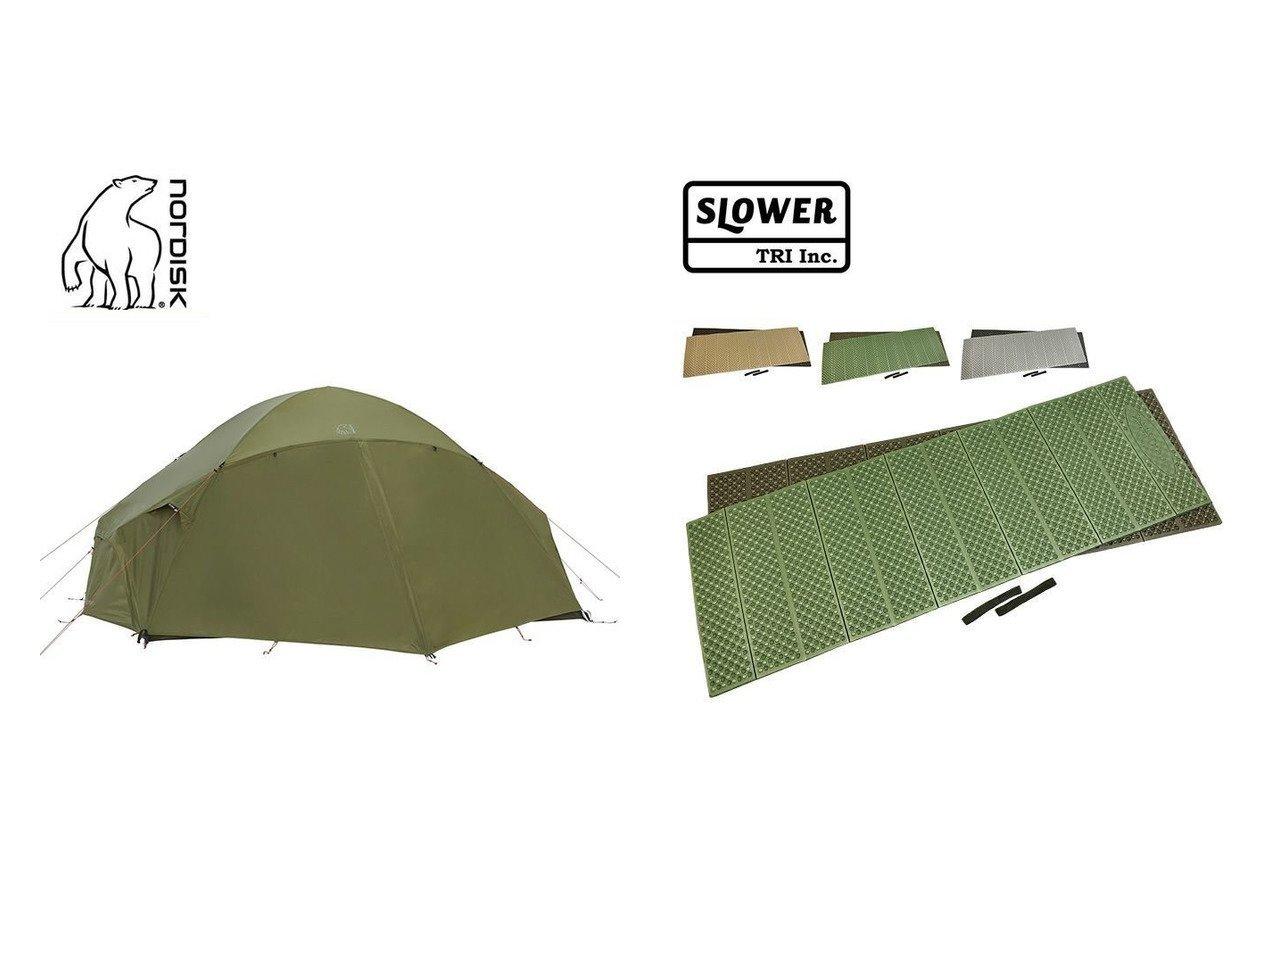 【SLOWER/スロウワー】のフォールダブルランナーマットトラウム&【Nordisk/ノルディスク】のオトラ2 PU おすすめ!人気キャンプ・アウトドア用品の通販 おすすめで人気の流行・トレンド、ファッションの通販商品 インテリア・家具・メンズファッション・キッズファッション・レディースファッション・服の通販 founy(ファニー) https://founy.com/ アクセサリー インナー ラバー ホーム・キャンプ・アウトドア Home,Garden,Outdoor,Camping Gear キャンプ用品・アウトドア  Camping Gear & Outdoor Supplies その他 雑貨 小物 Camping Tools ホーム・キャンプ・アウトドア Home,Garden,Outdoor,Camping Gear キャンプ用品・アウトドア  Camping Gear & Outdoor Supplies マット シート Mat, Sheet  ID:crp329100000062767